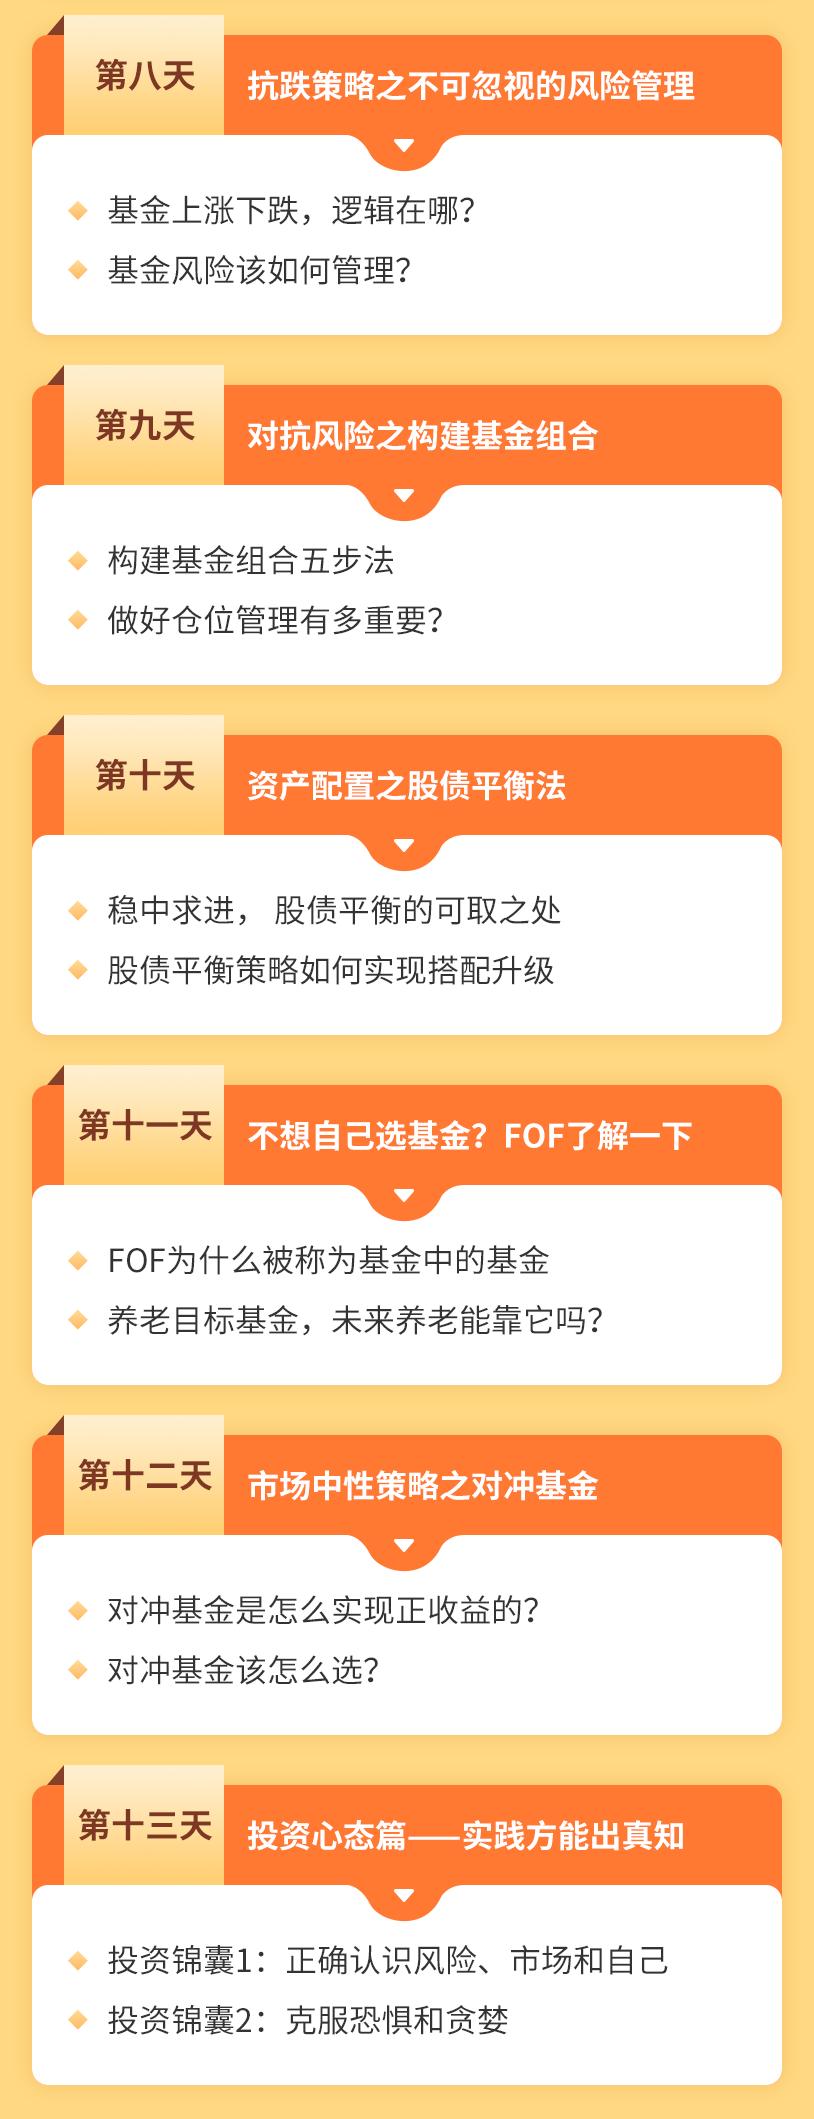 基金高级训练营-橙色-定稿_04.png